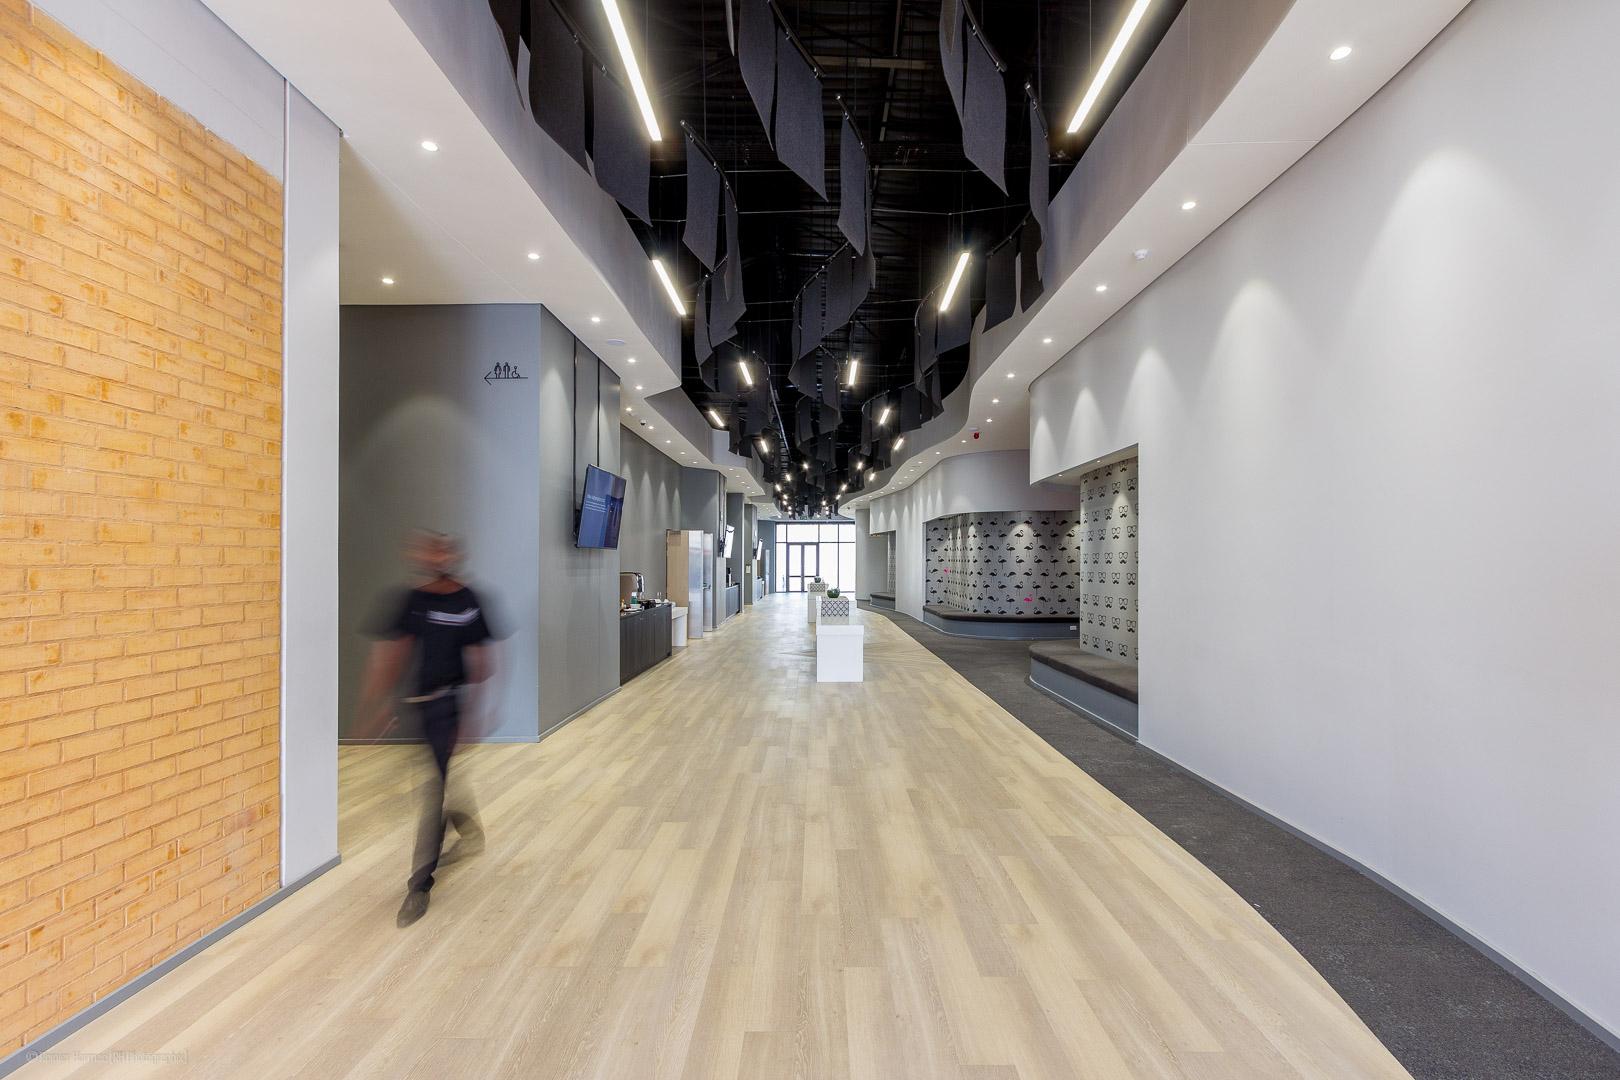 RHPX_Portfolio_Focus Rooms Interior-11